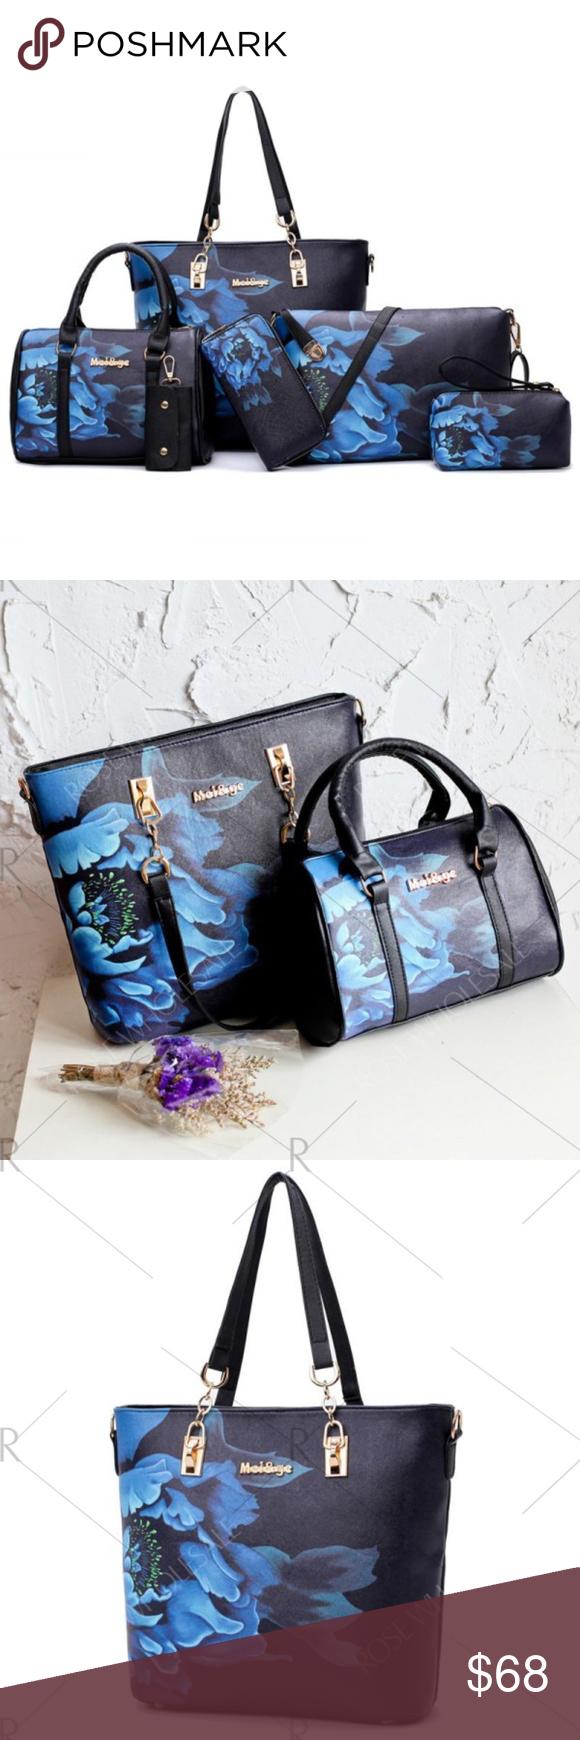 30d5893831f8 6 pieces Floral Print Bag Set Handbag Type  Shoulder bag Style  Fashion  Gender